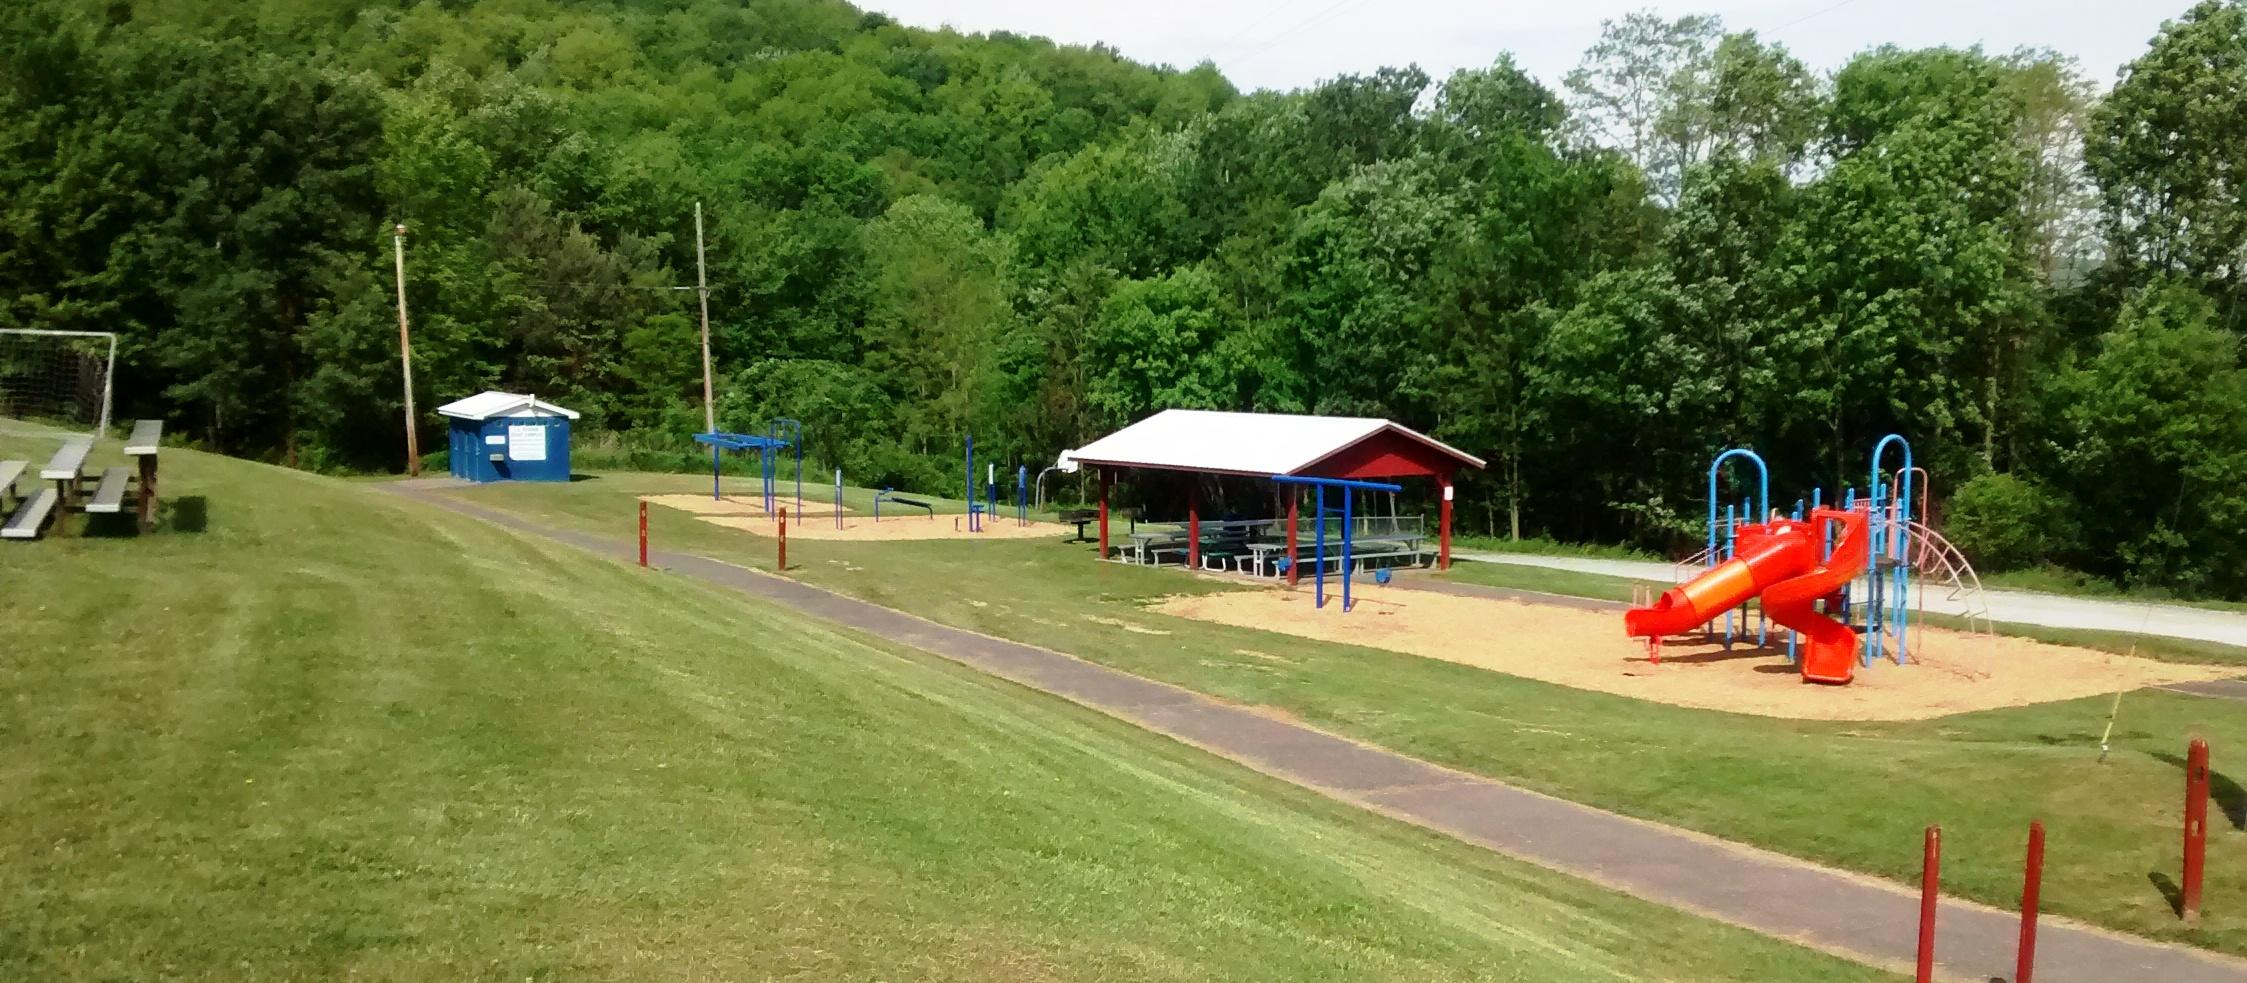 Frank J. Reddon Sports Complex